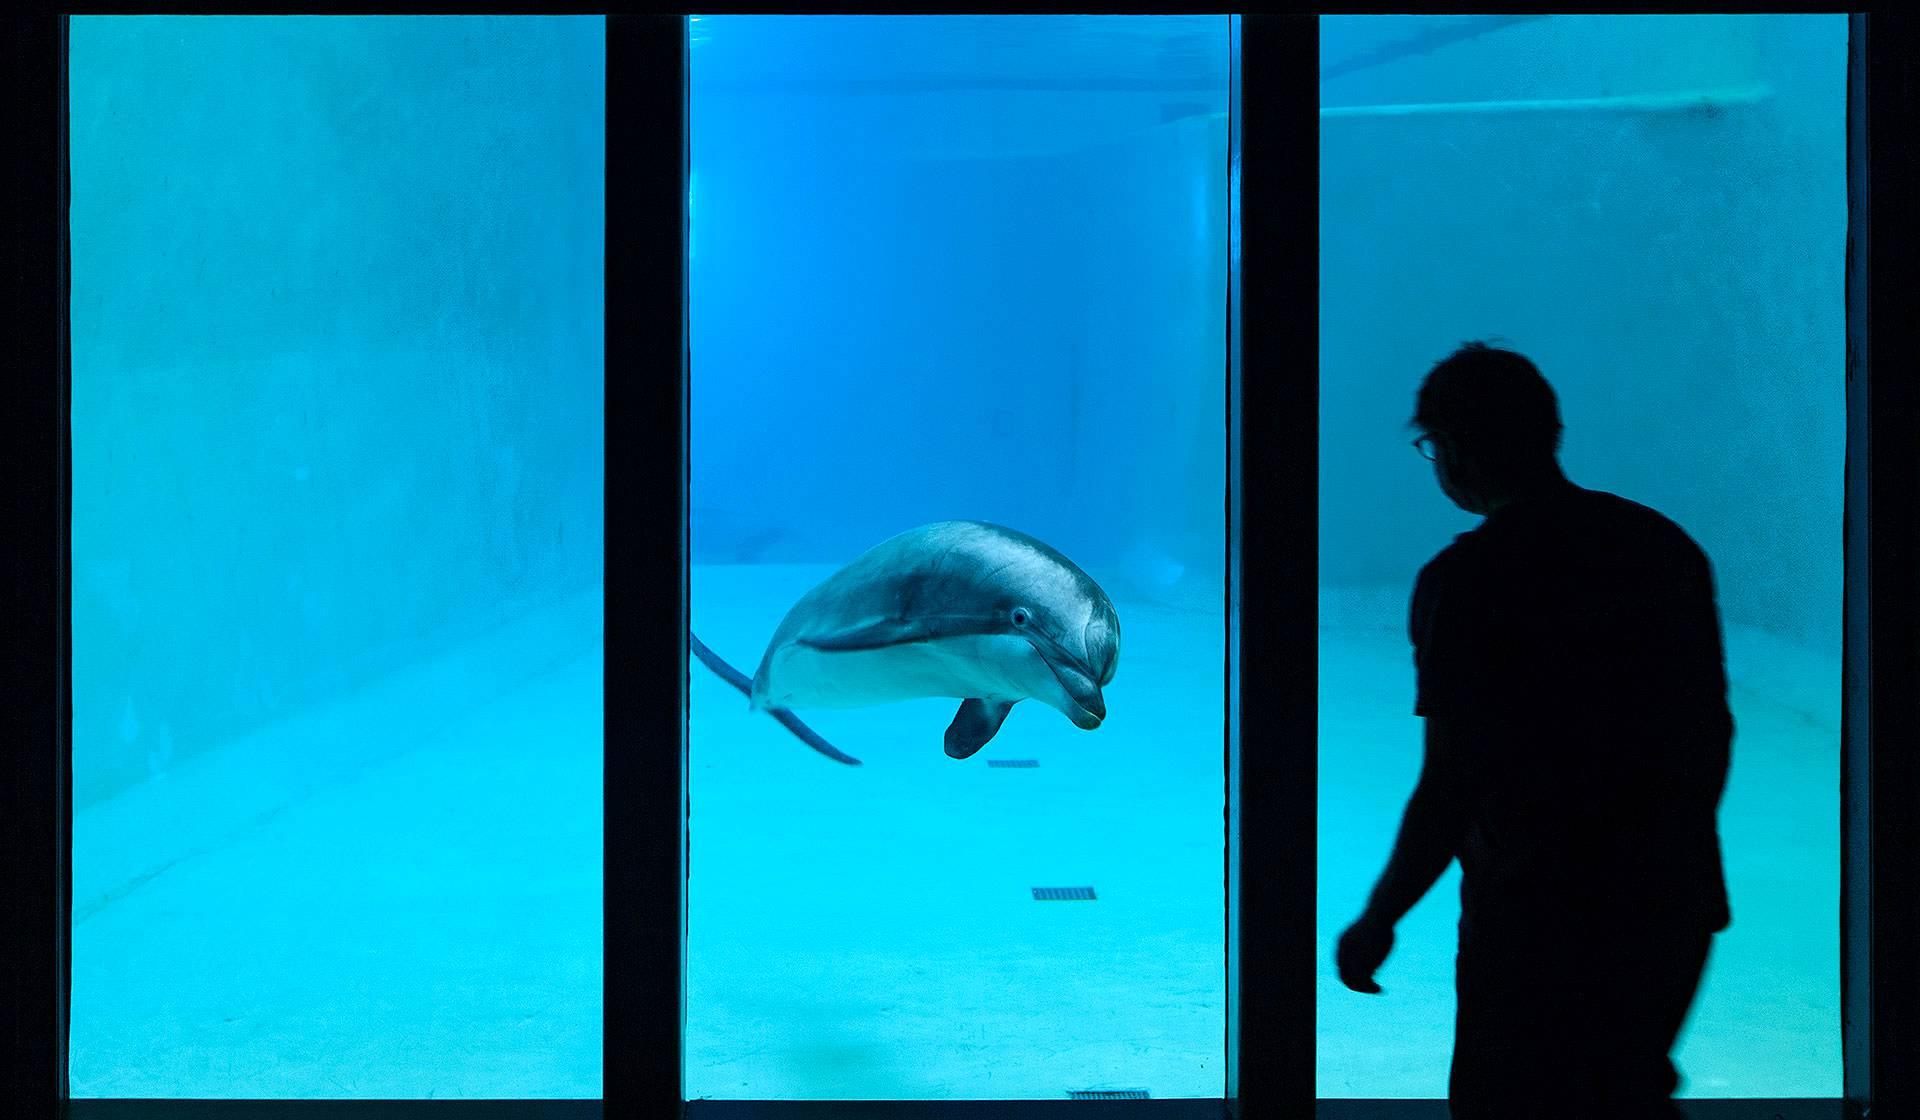 Leevi-delfiini ottaa hanakasti kontaktia ihmiseen.